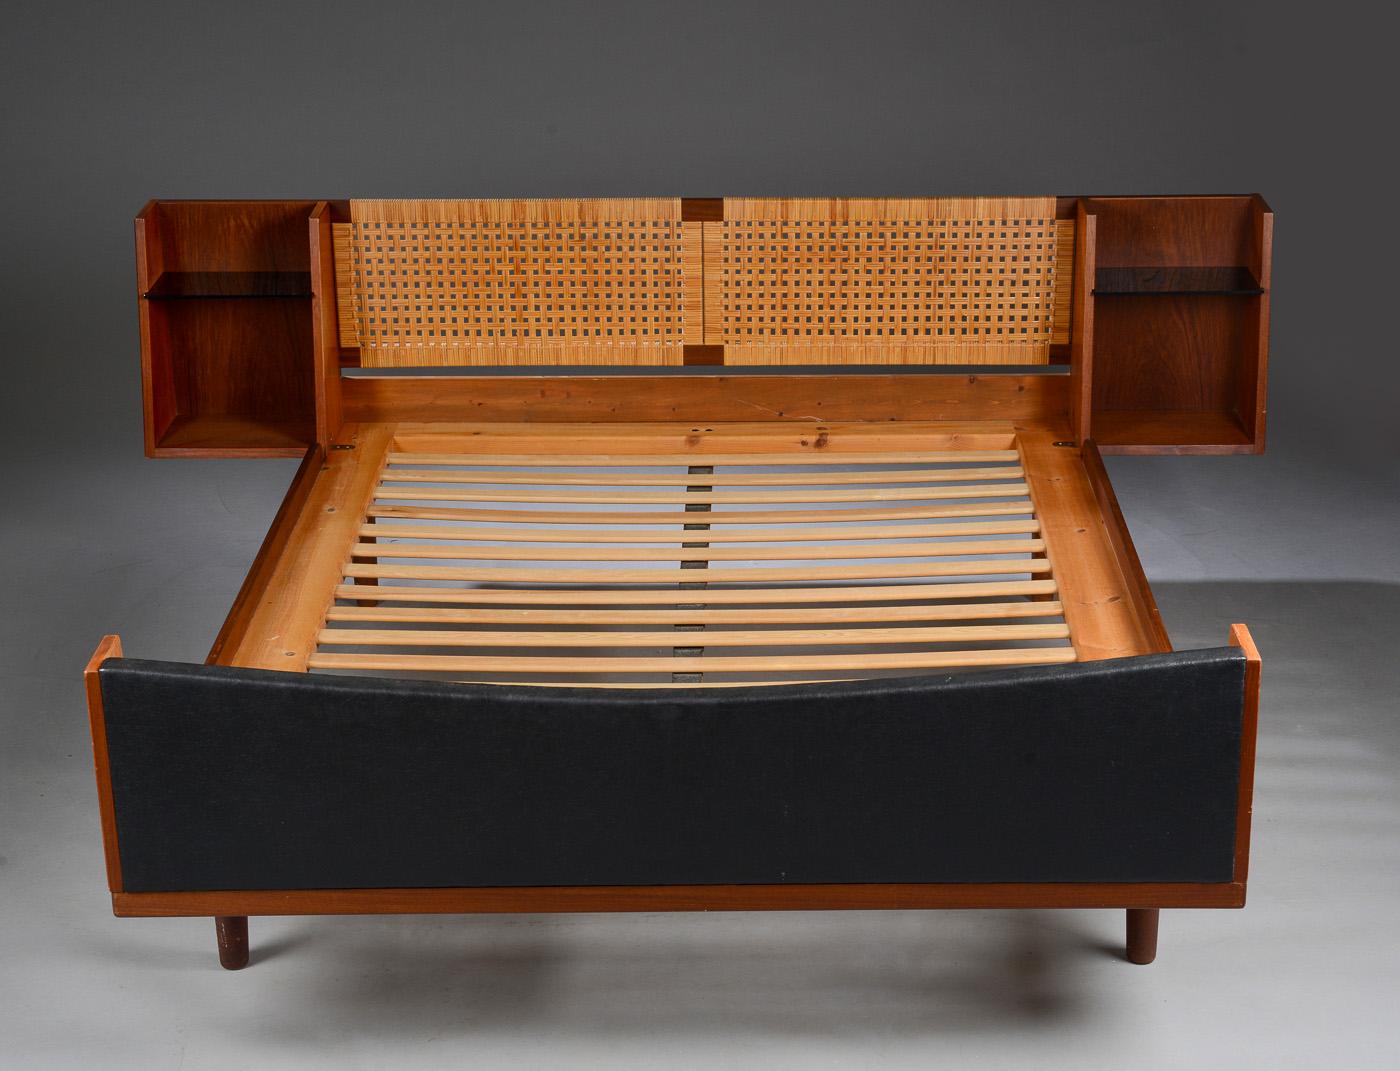 seng teak Auktionstipset   Hans J. Wegner. Dobbelt seng teak og flet seng teak